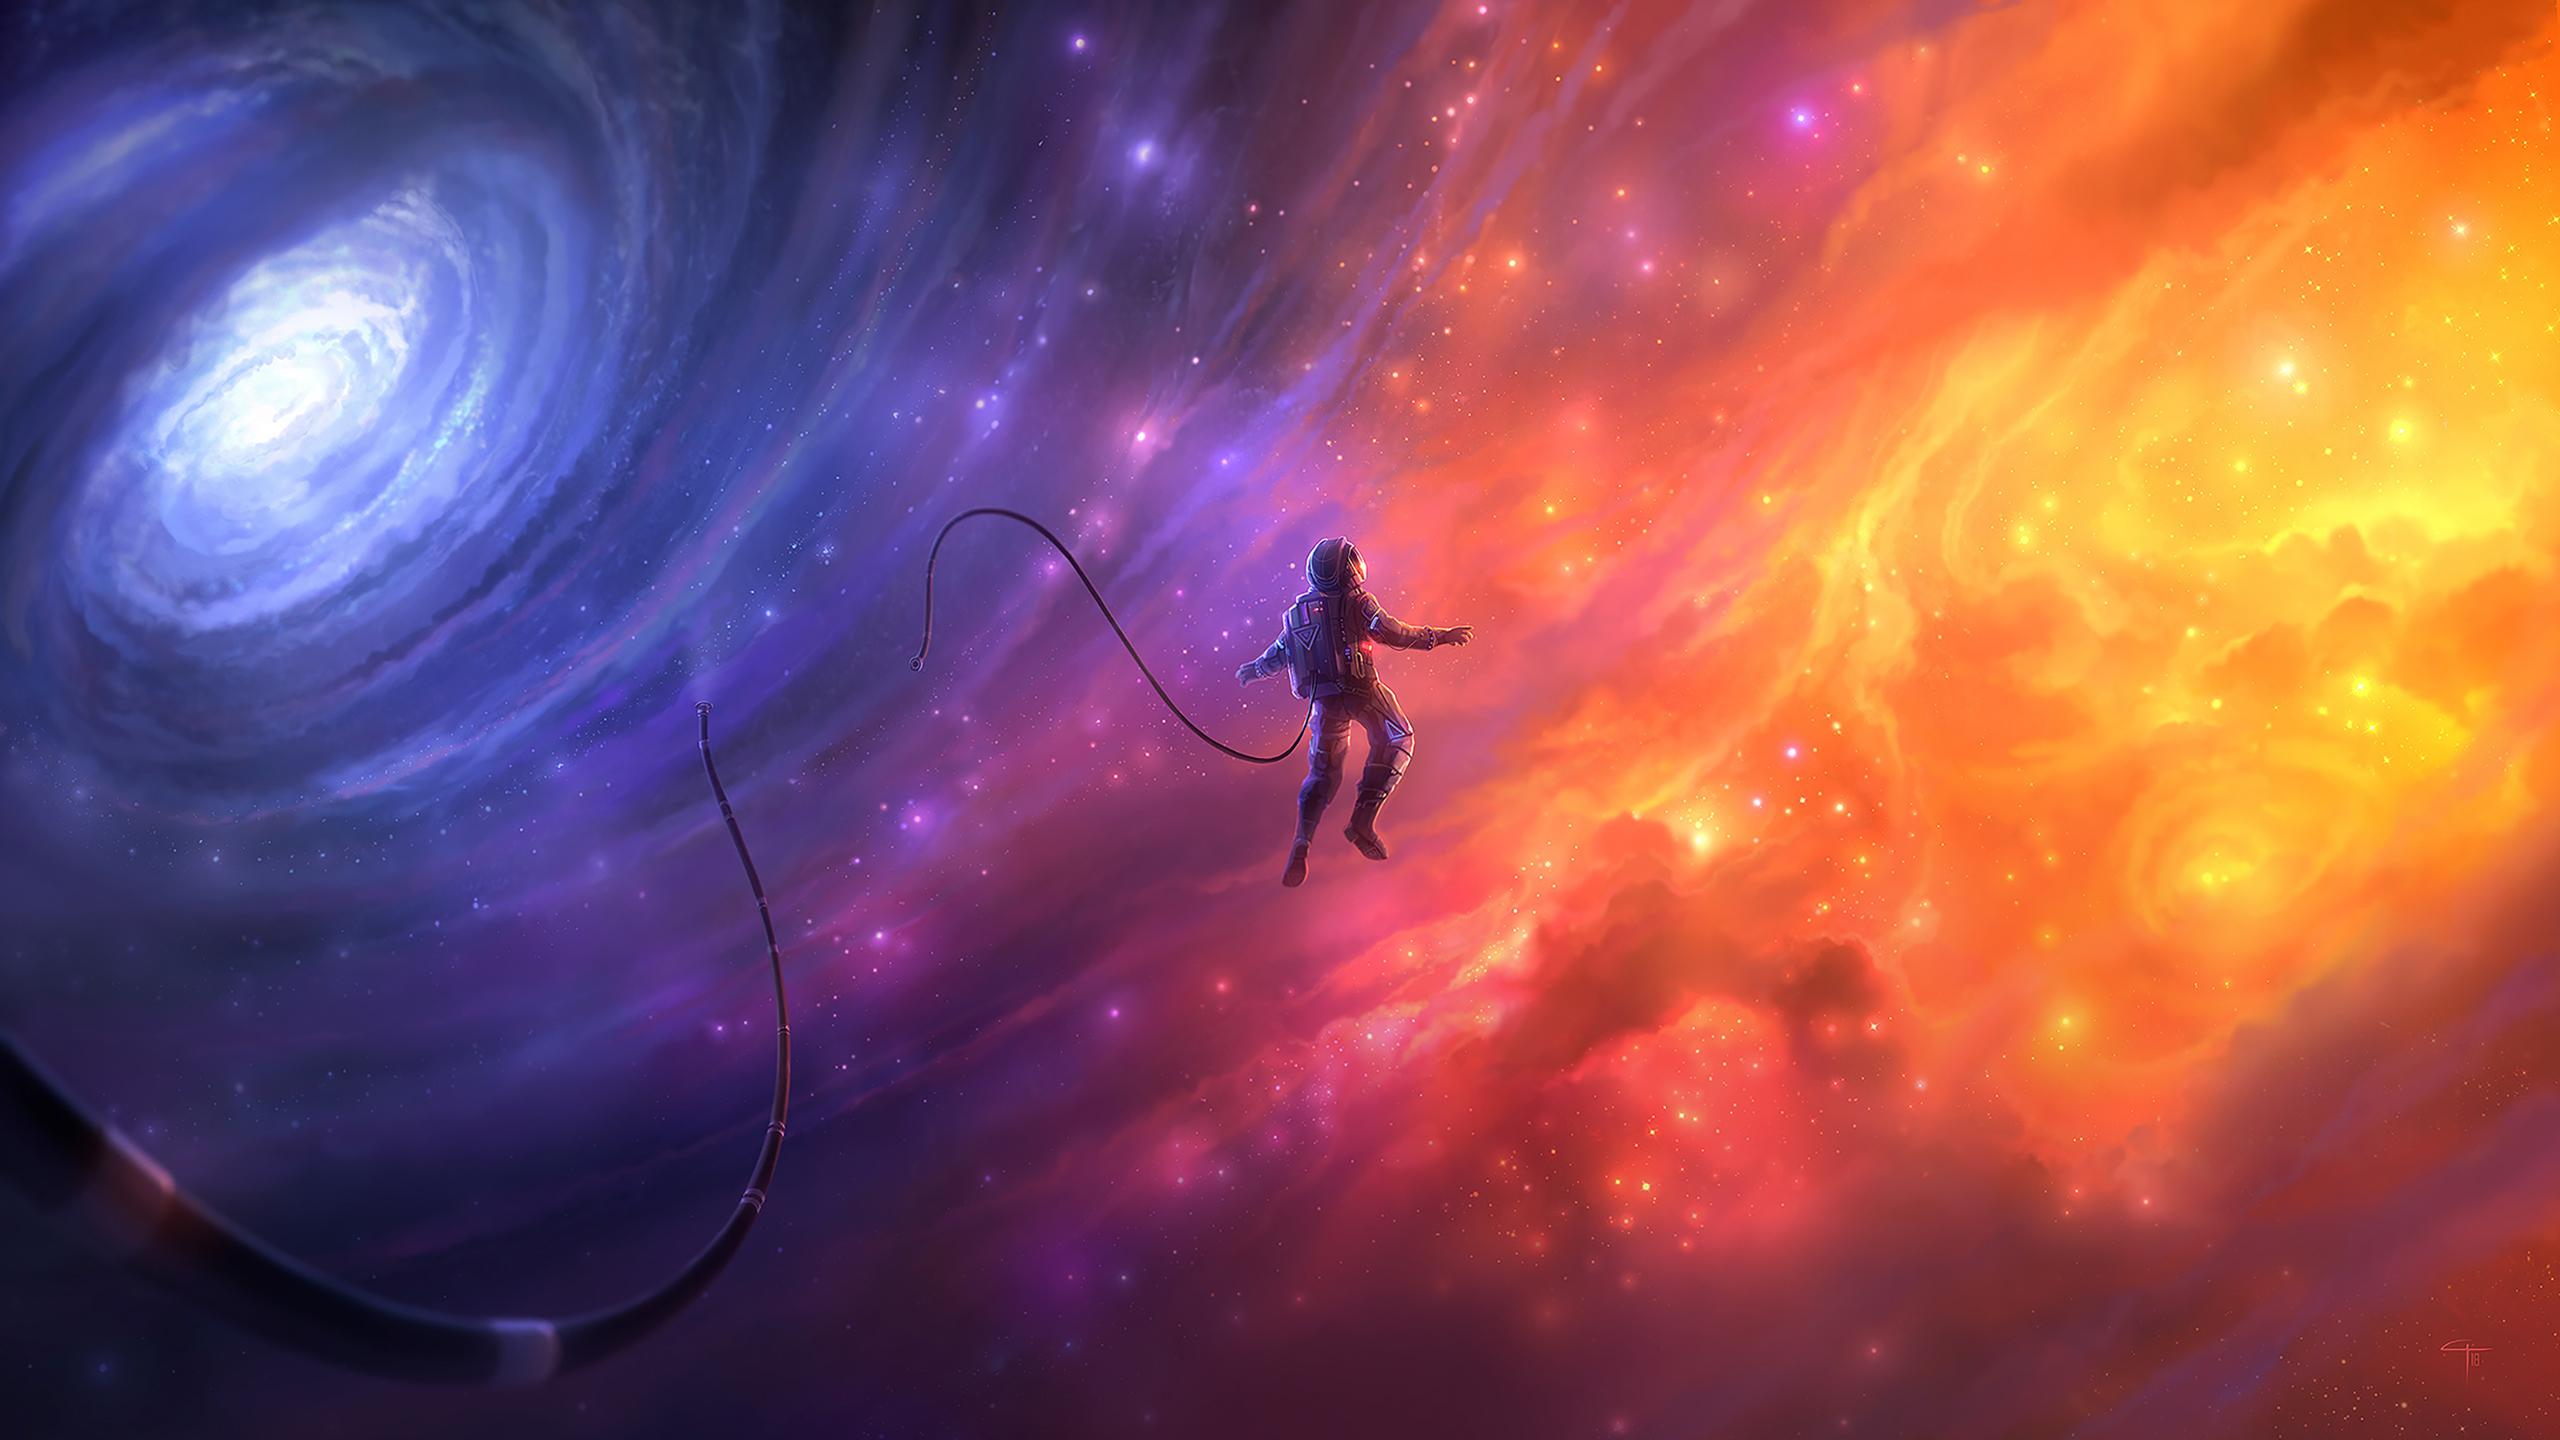 space wallpaper 4k,violet,sky,purple,astronomical object,nebula